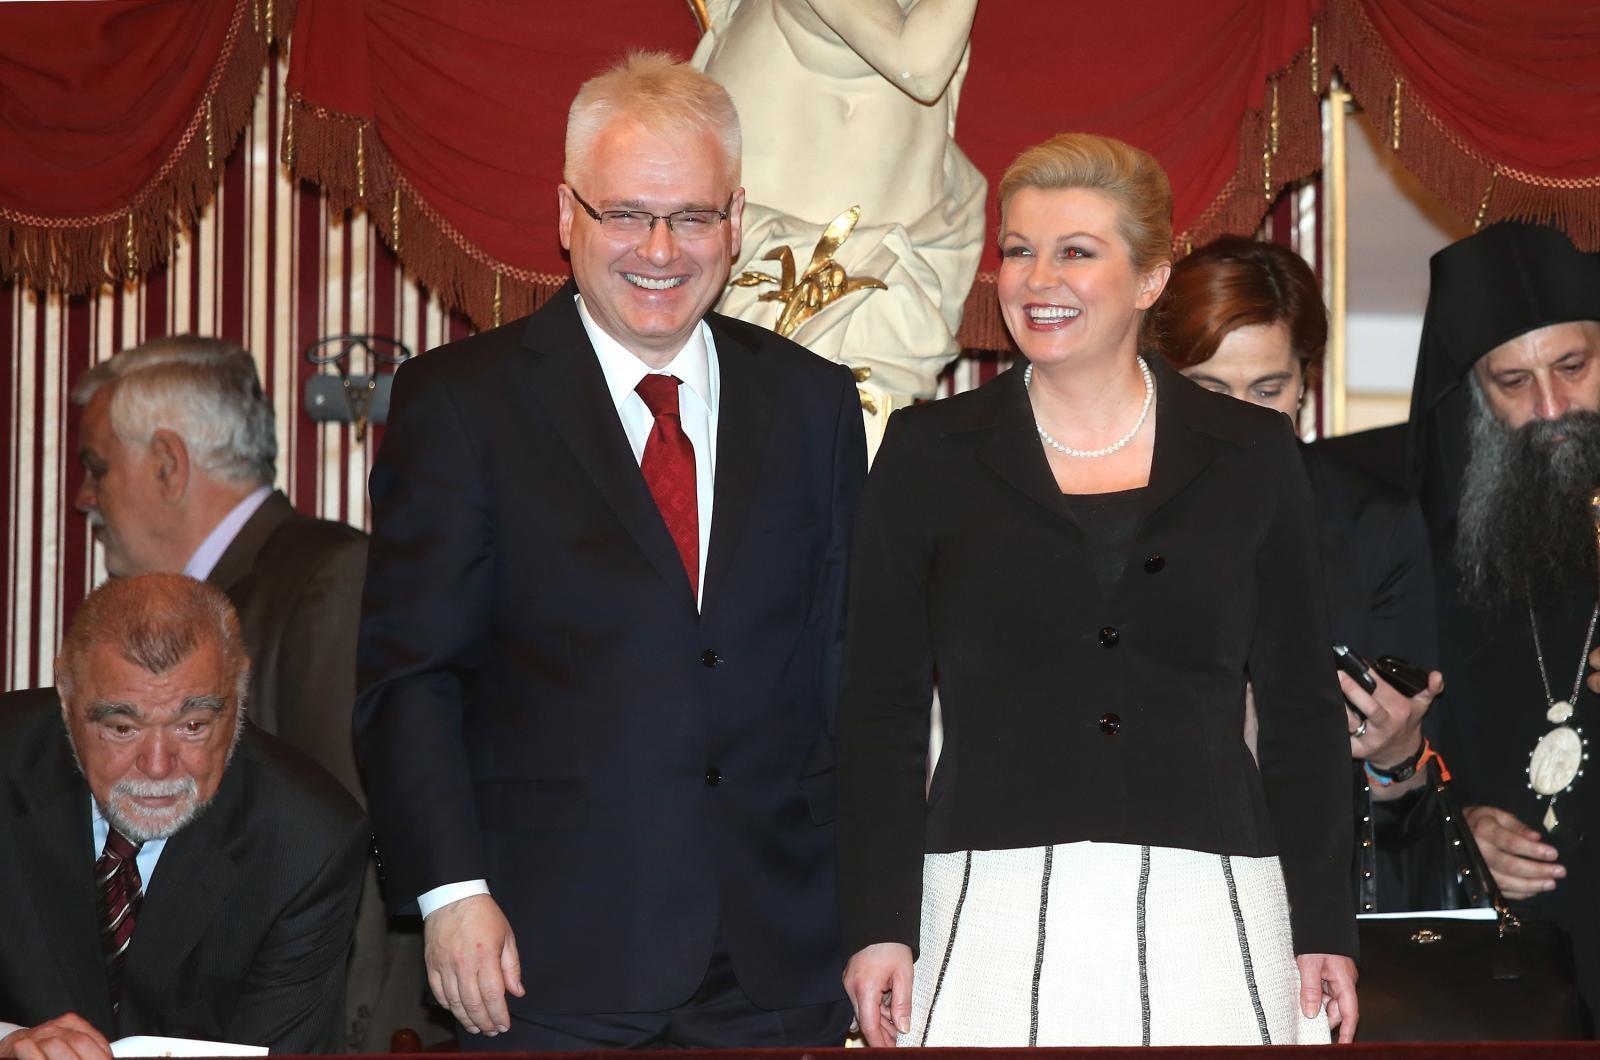 Predsjednica ulazi u izbornu godinu s lošijim rejtingom od Josipovića u istom razdoblju mandata